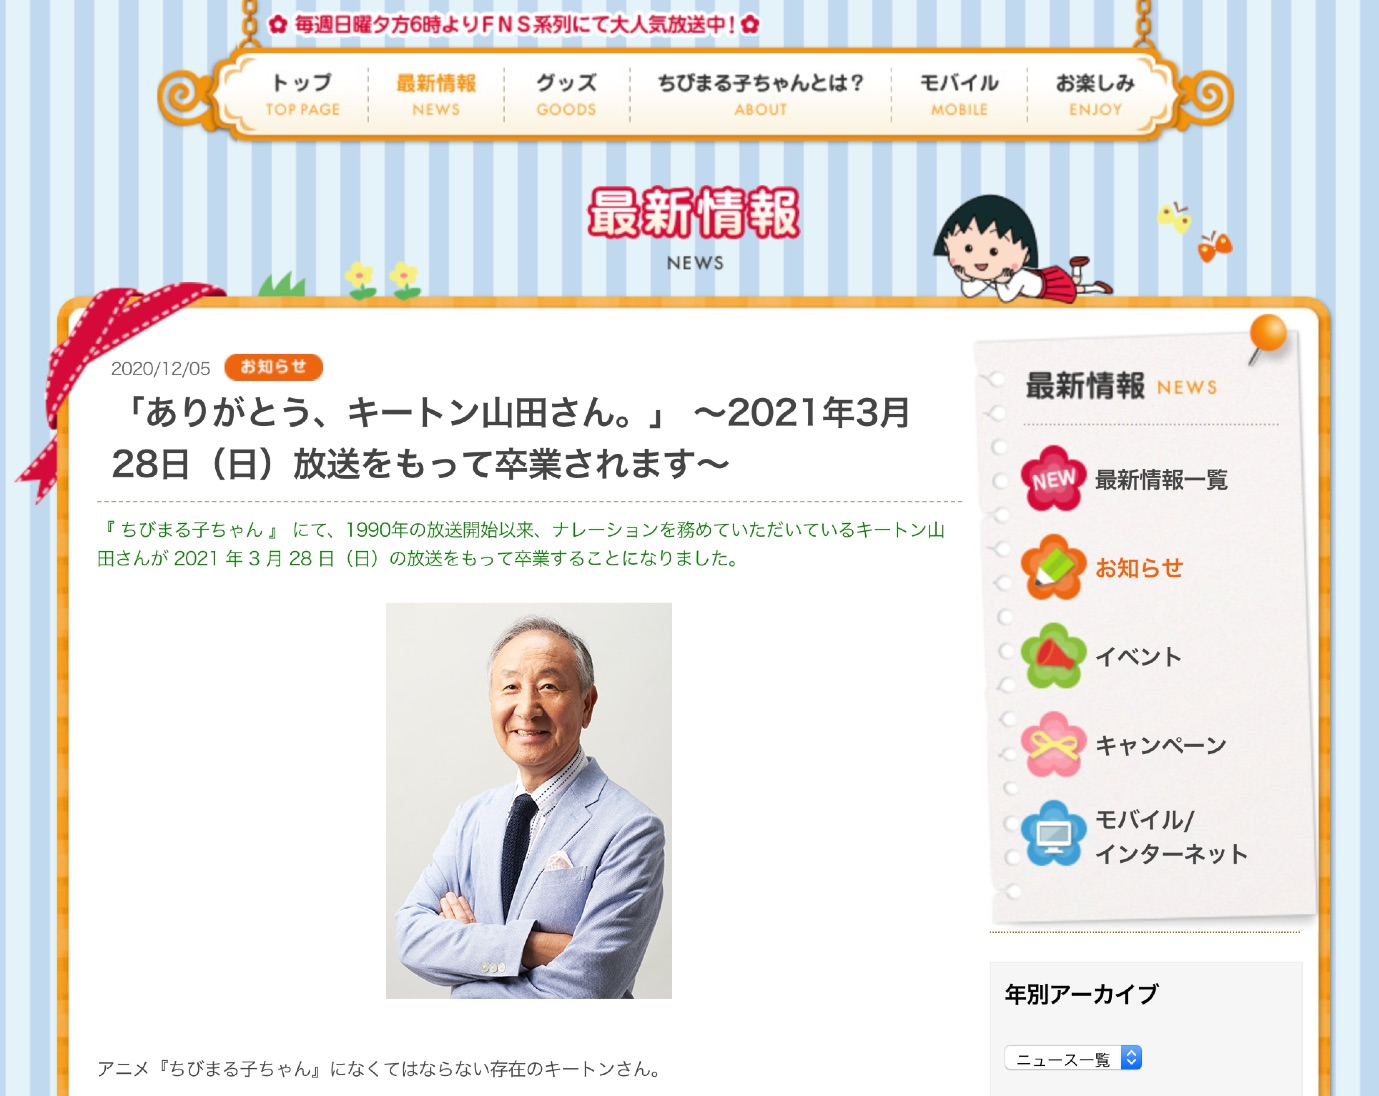 キートン山田さんが声優を引退、ちびまる子ちゃんのナレーションも卒業に